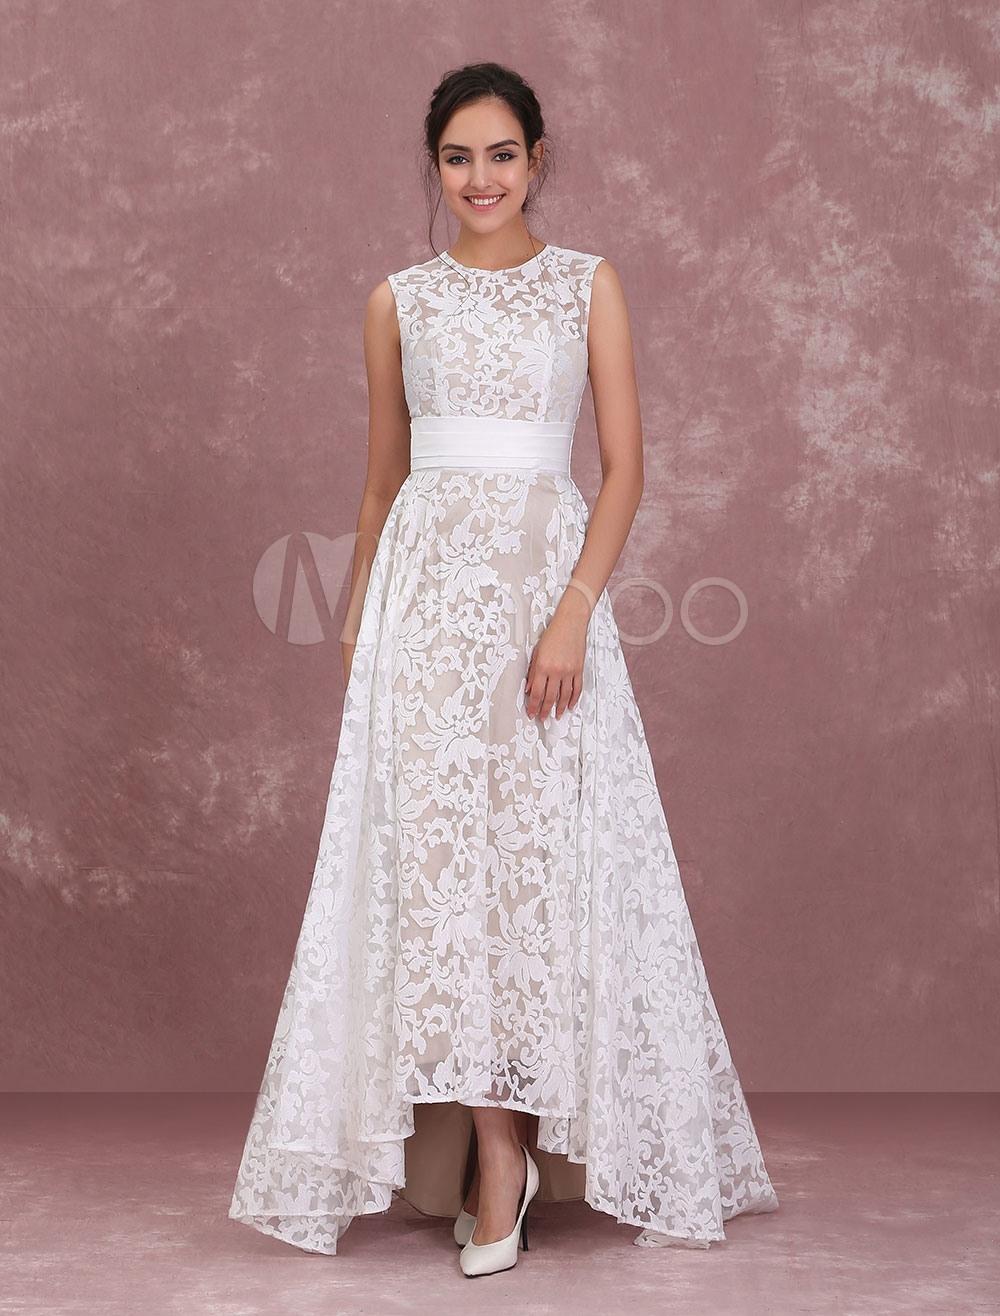 Abend Fantastisch Kleid Hochzeitsgast Spitze Bester PreisFormal Einzigartig Kleid Hochzeitsgast Spitze Stylish